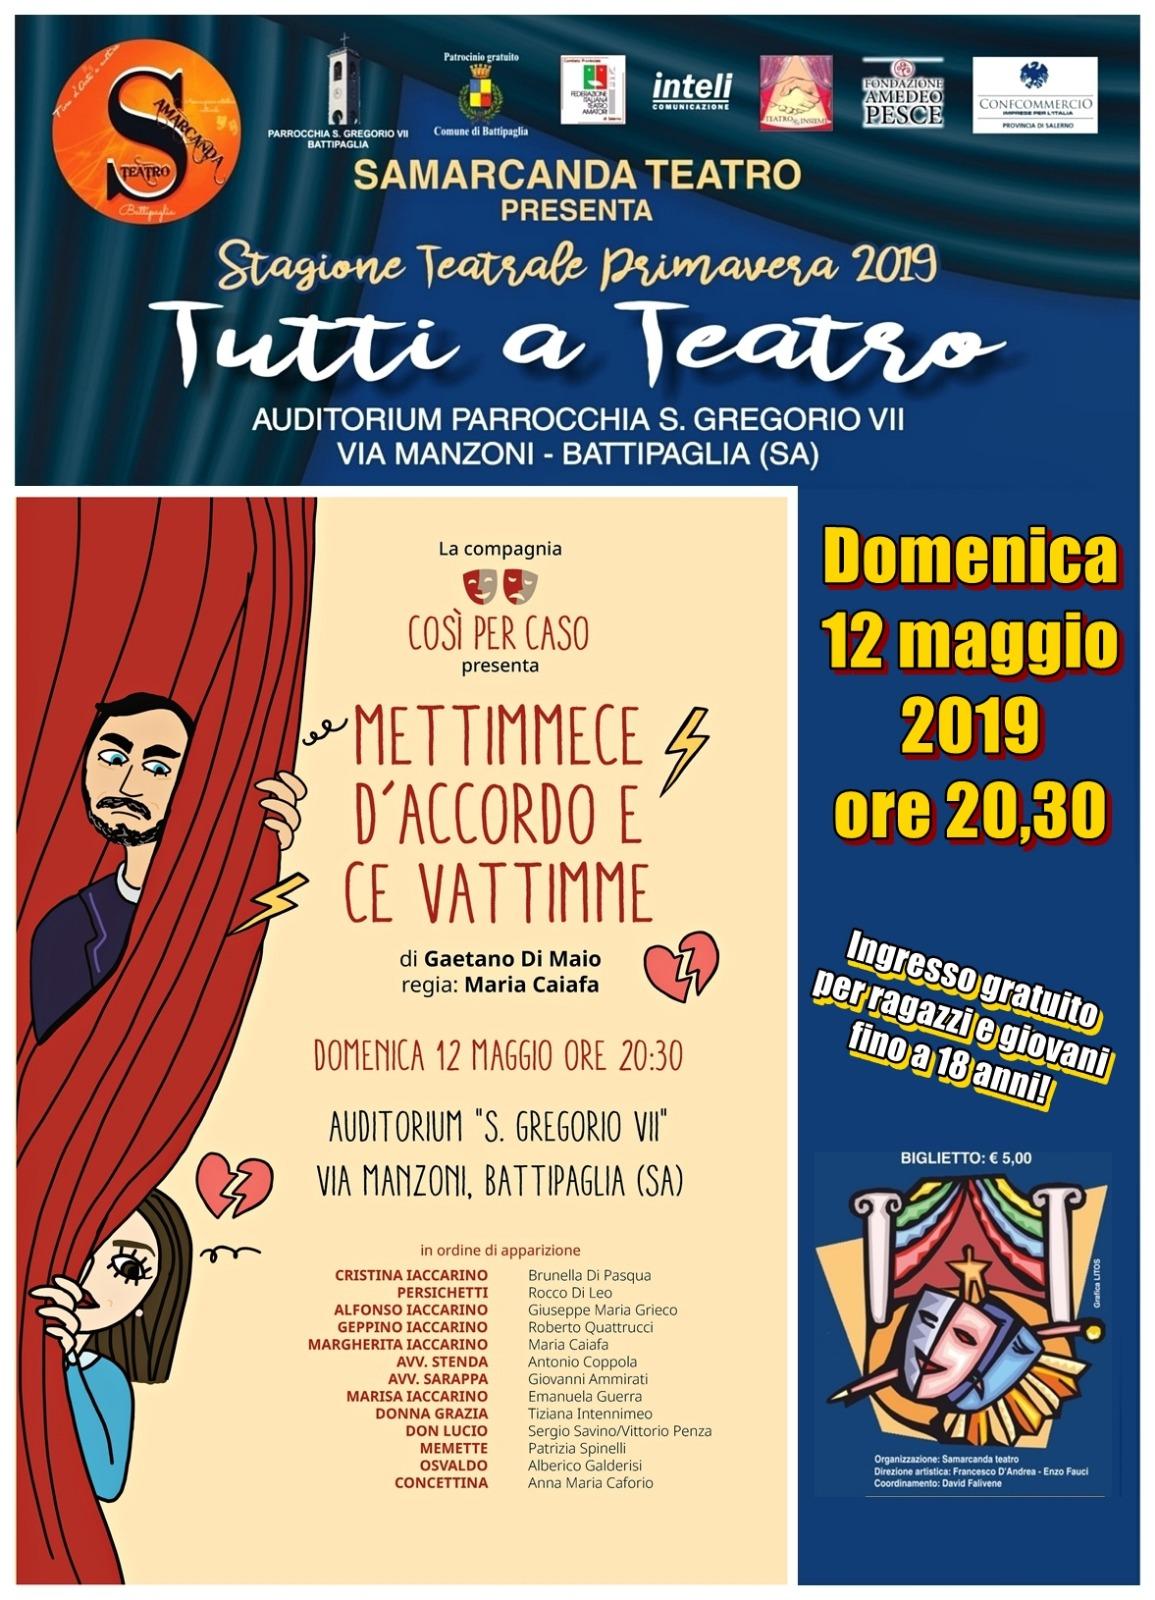 Battipaglia-Samarcanda Teatro